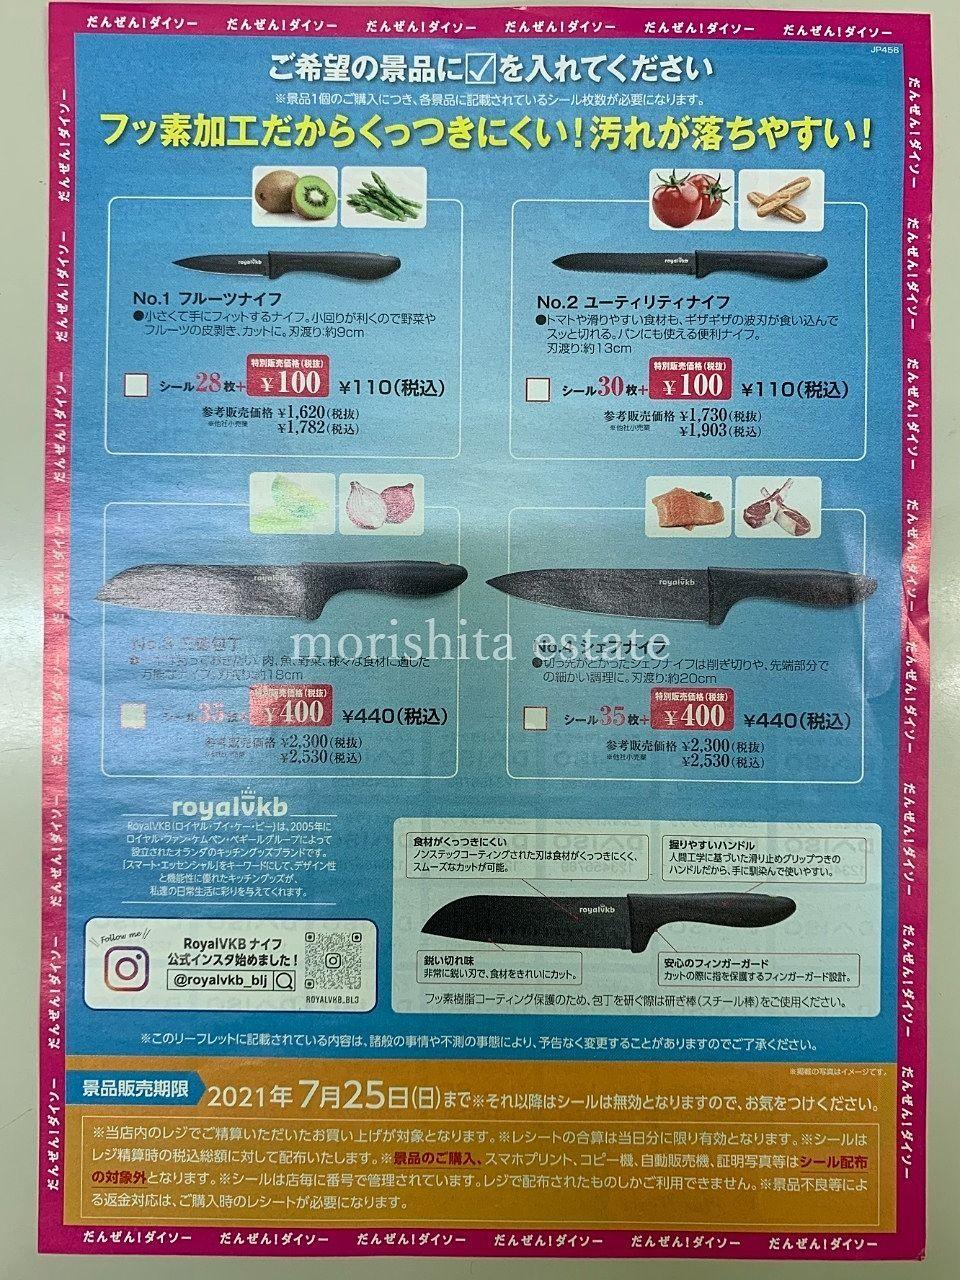 ダイソー 100円ショップ キャンペーン VKB 特別価格 写真